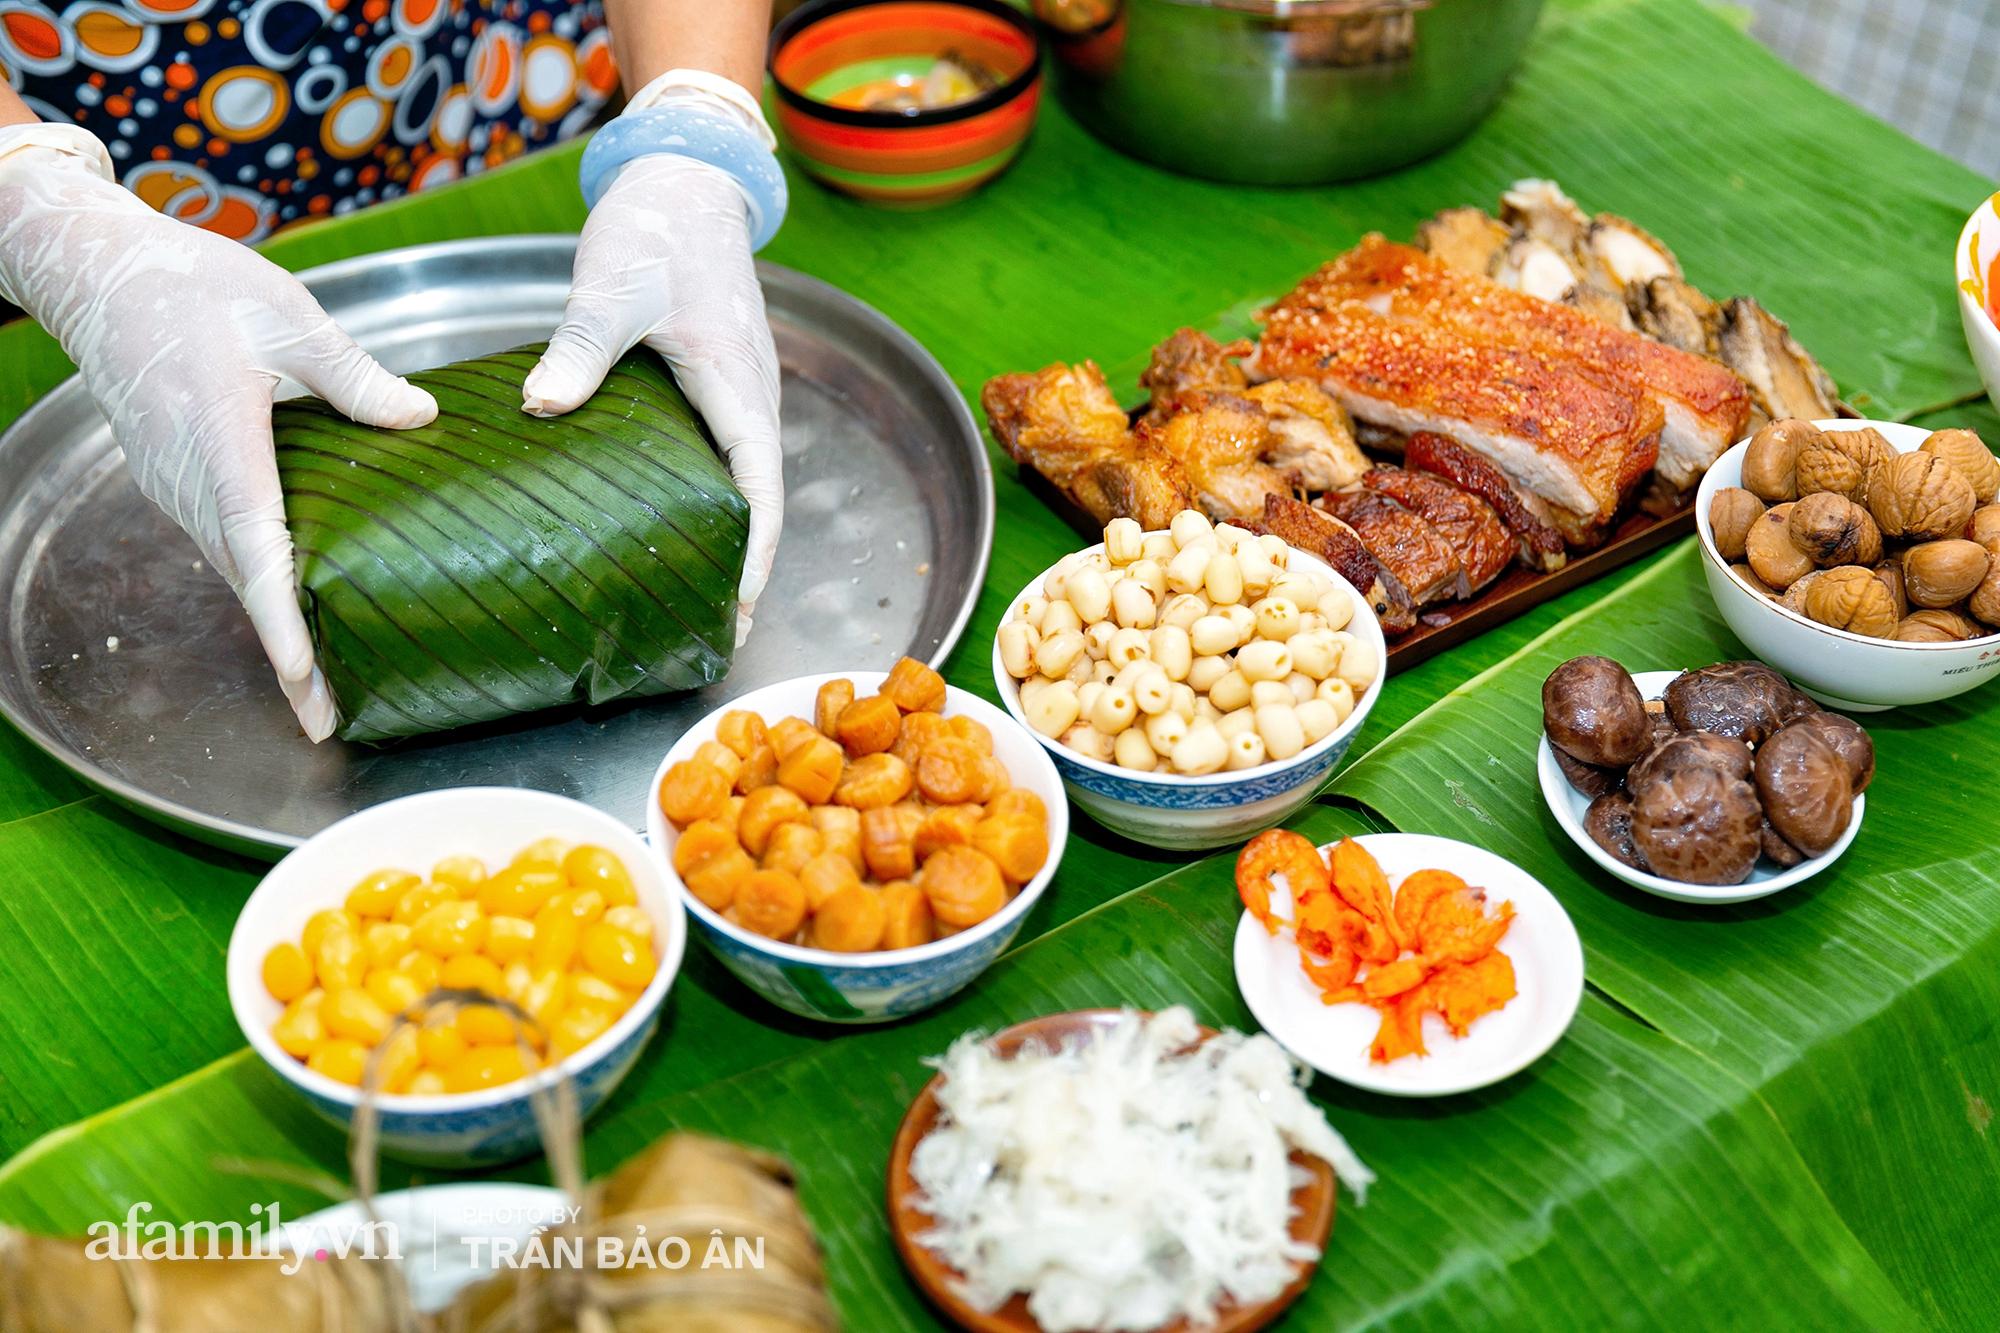 Tết Đoan Ngọ tại lò bánh Bá Trạng lâu đời nhất Sài Gòn, một cặp bánh có giá lên tới 1 triệu đồng với bào ngư, heo quay, sò điệp mà một năm chỉ được ăn duy nhất 1 lần! - Ảnh 10.